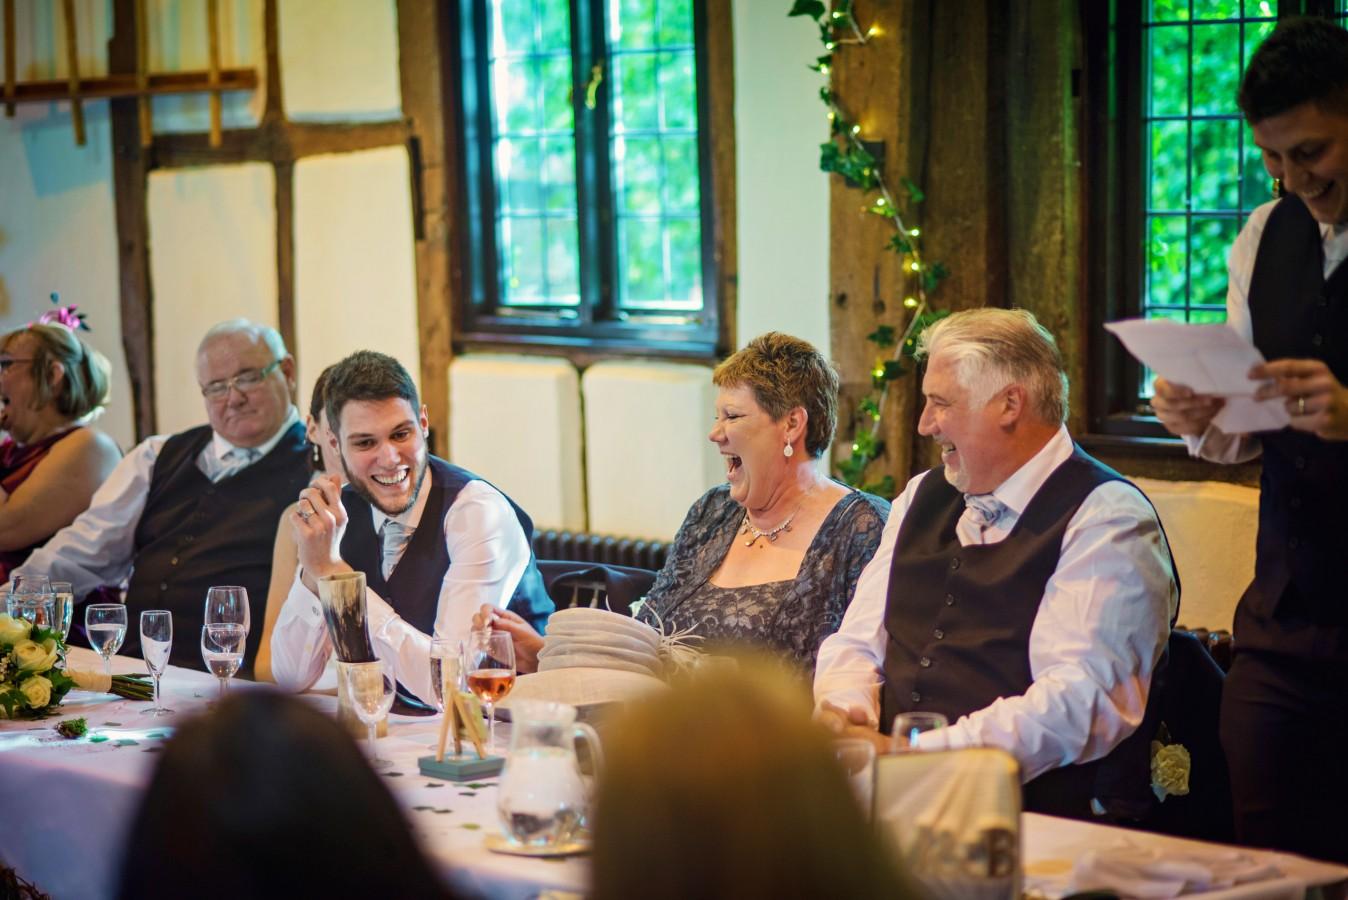 Hampshire Wedding Photographer - GK Photography-56